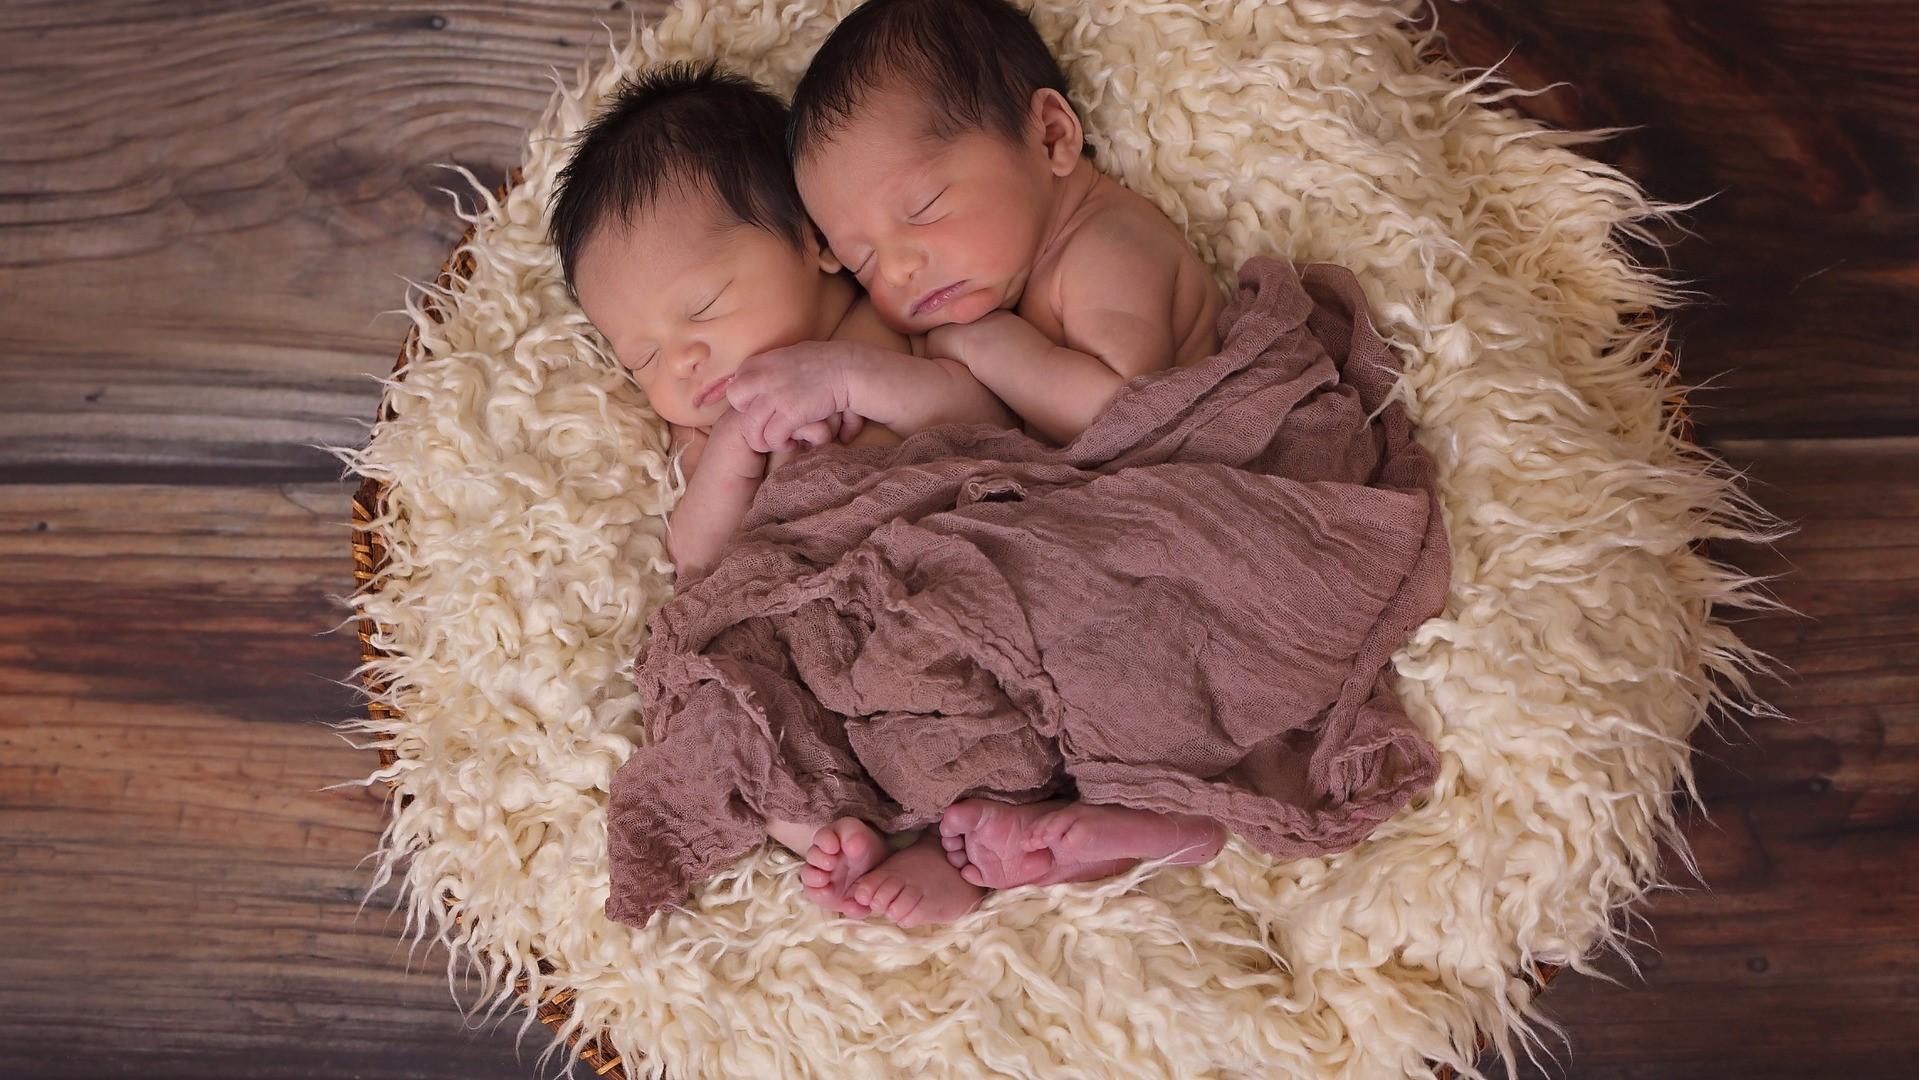 Zweieiige Zwillinge - die häufigste aller Mehrlingsschwangerschaften